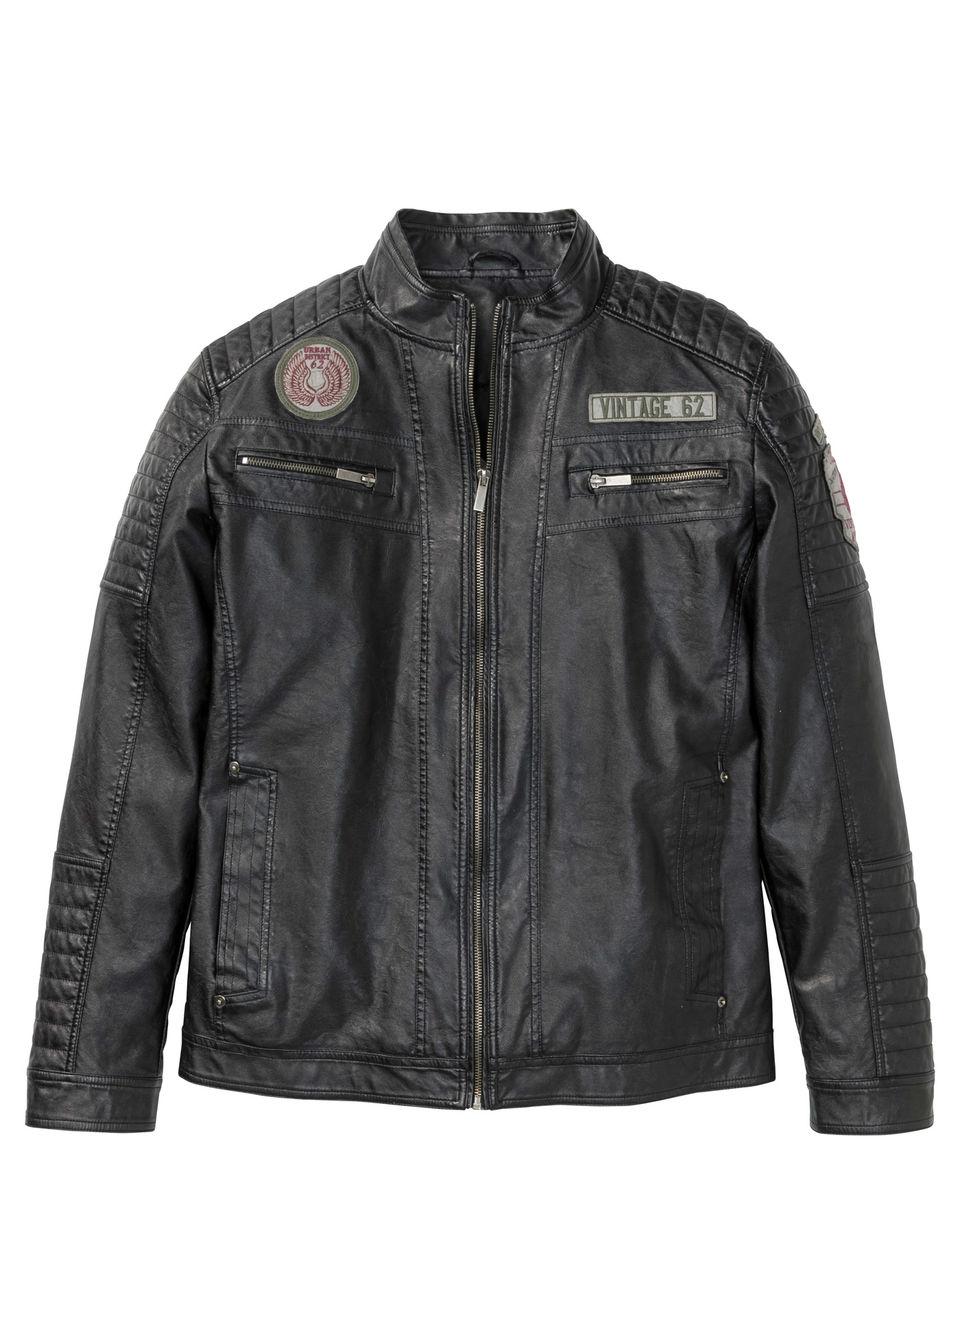 Купить Куртки и плащи, Куртка из искусственной кожи, bonprix, антрацитовый